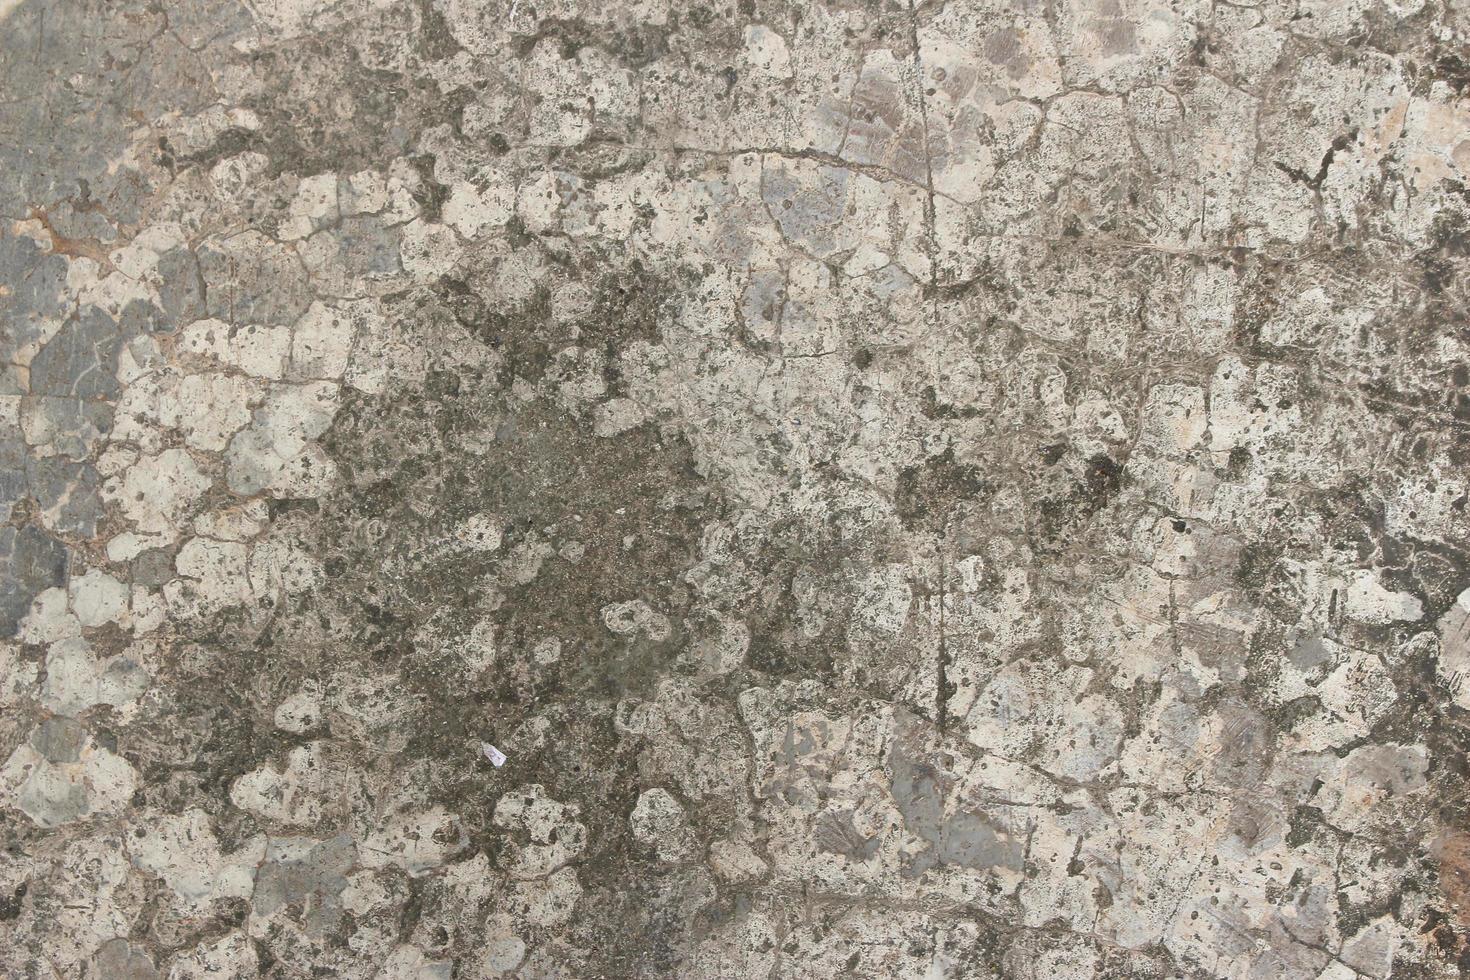 hormigón gris rústico foto